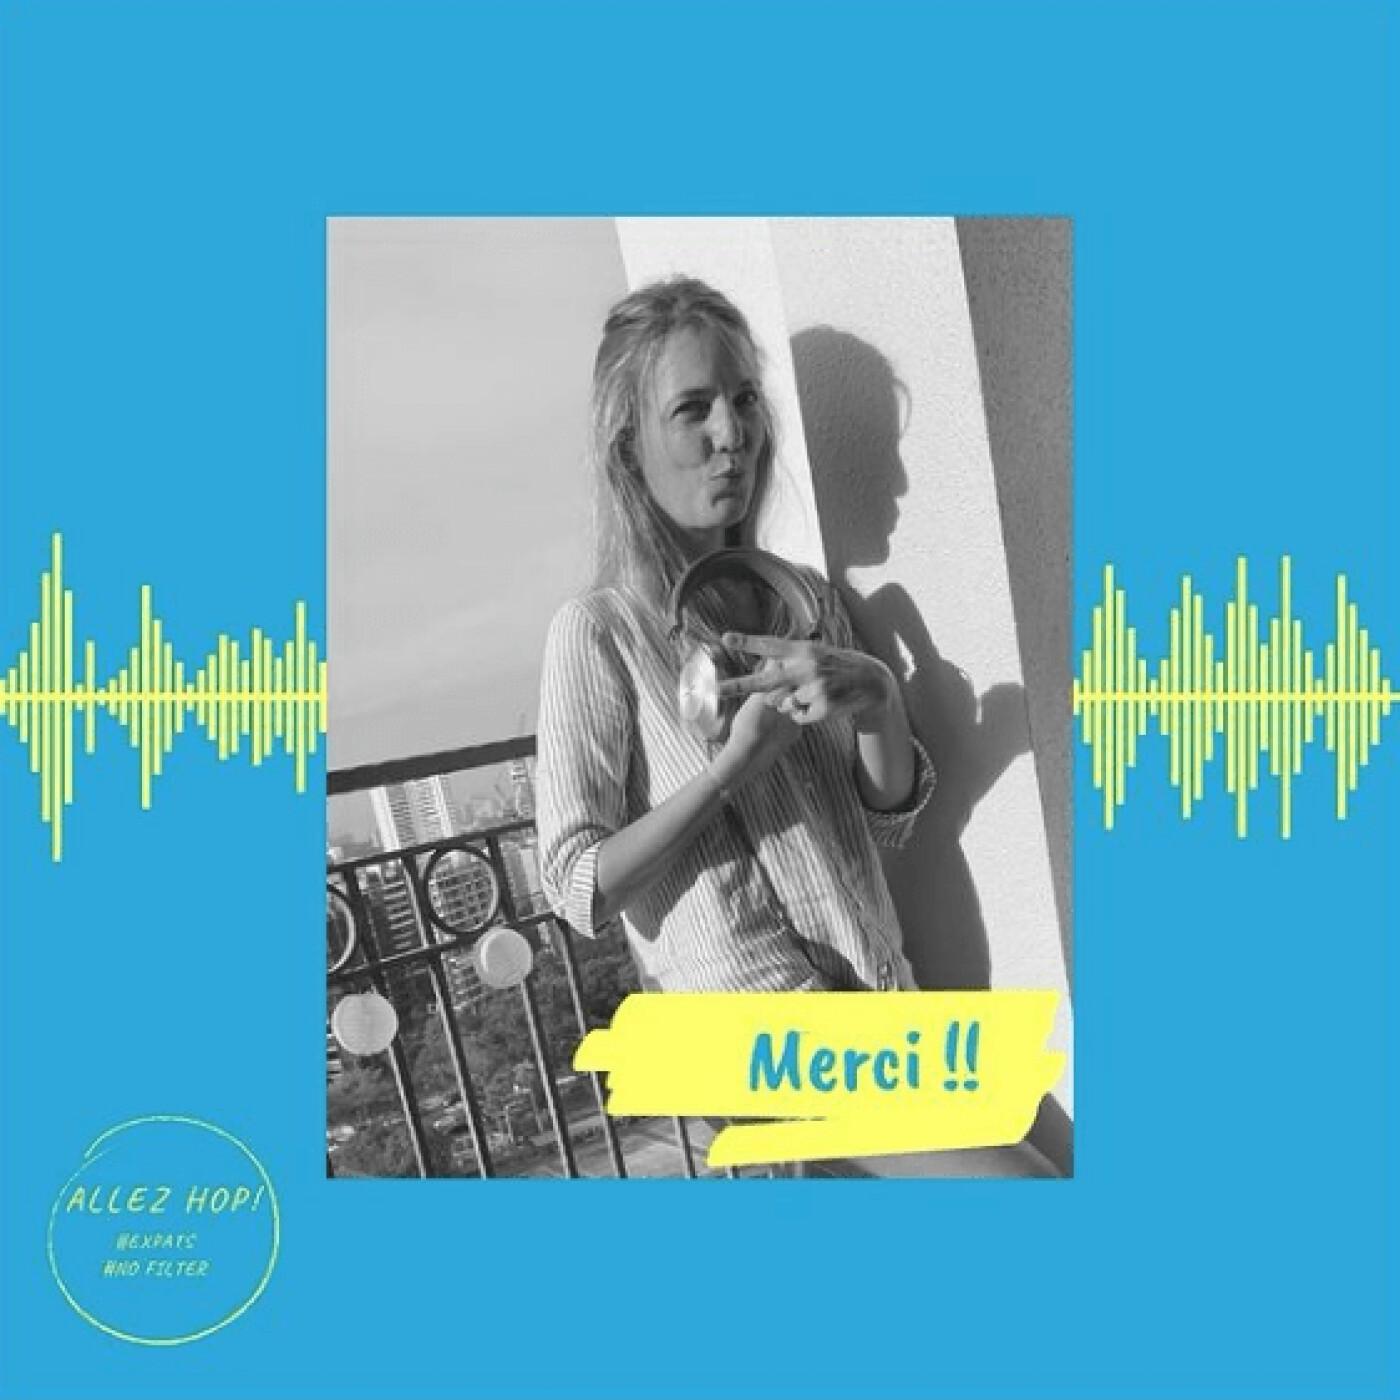 Natalia parle de son podcast Allez Hop qui fait parler les Expats - 13 07 2021 - StereoChic Radio